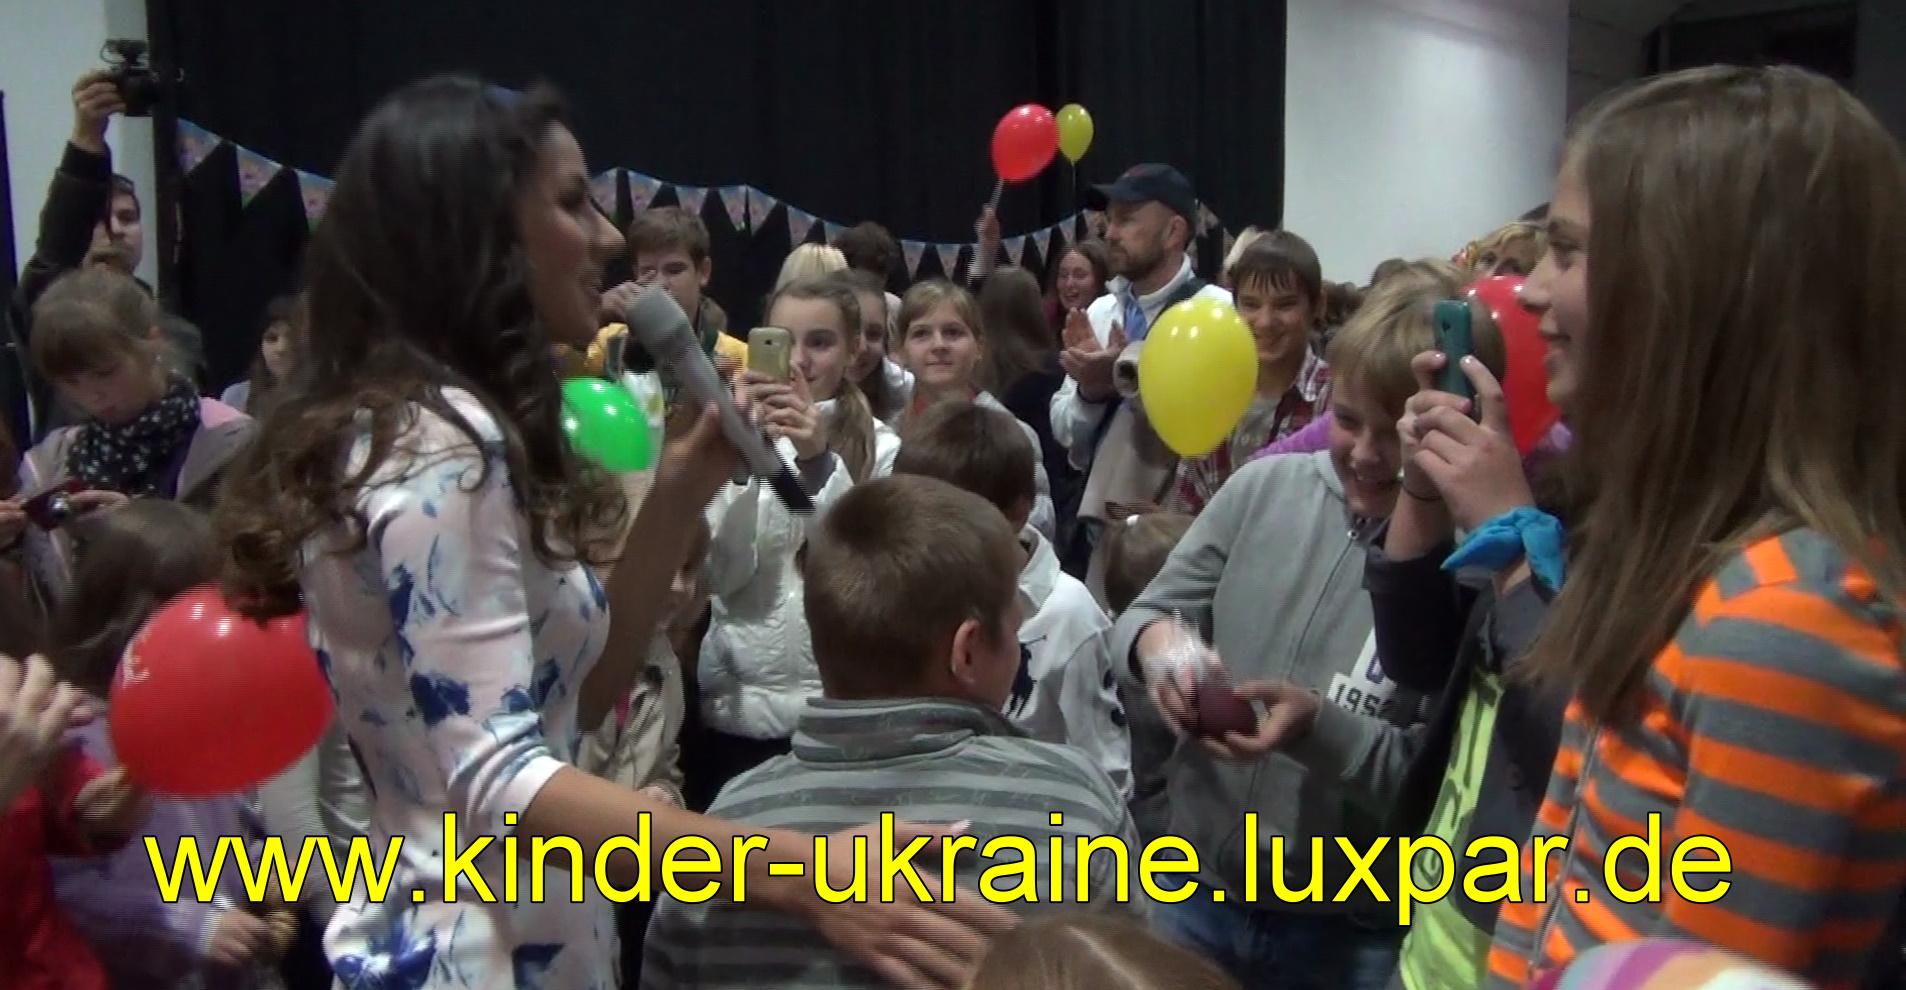 Partnervermittlung für kinder